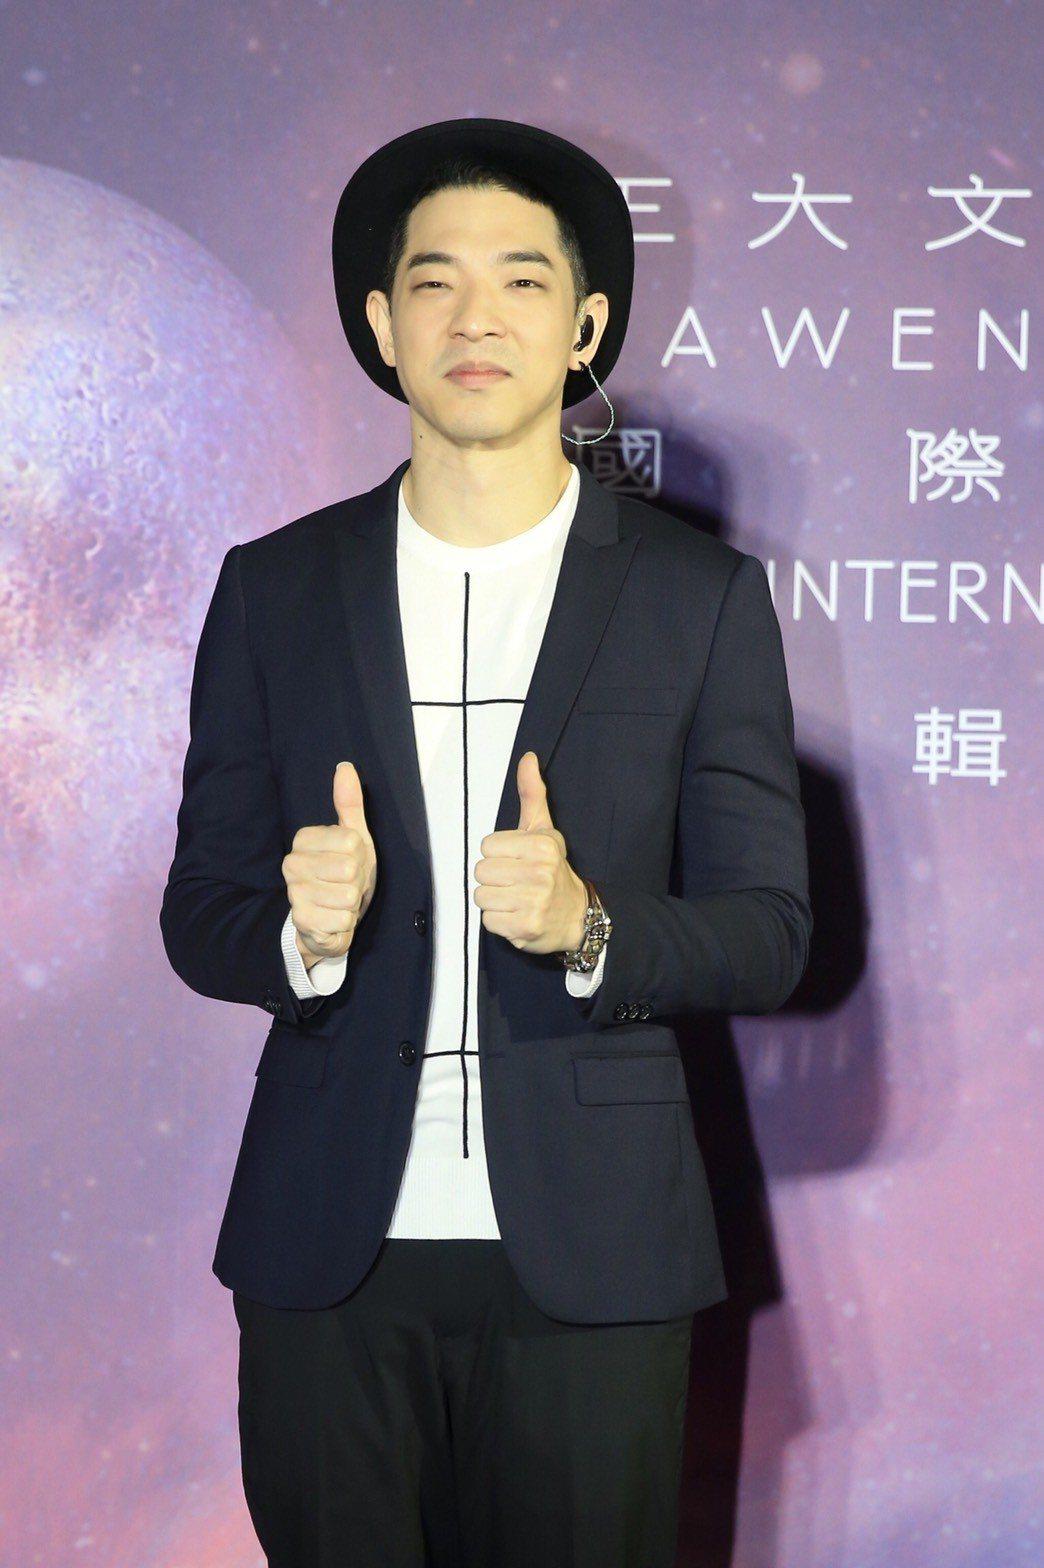 王大文推出最新專輯「國際太空站」。記者林伯東/攝影